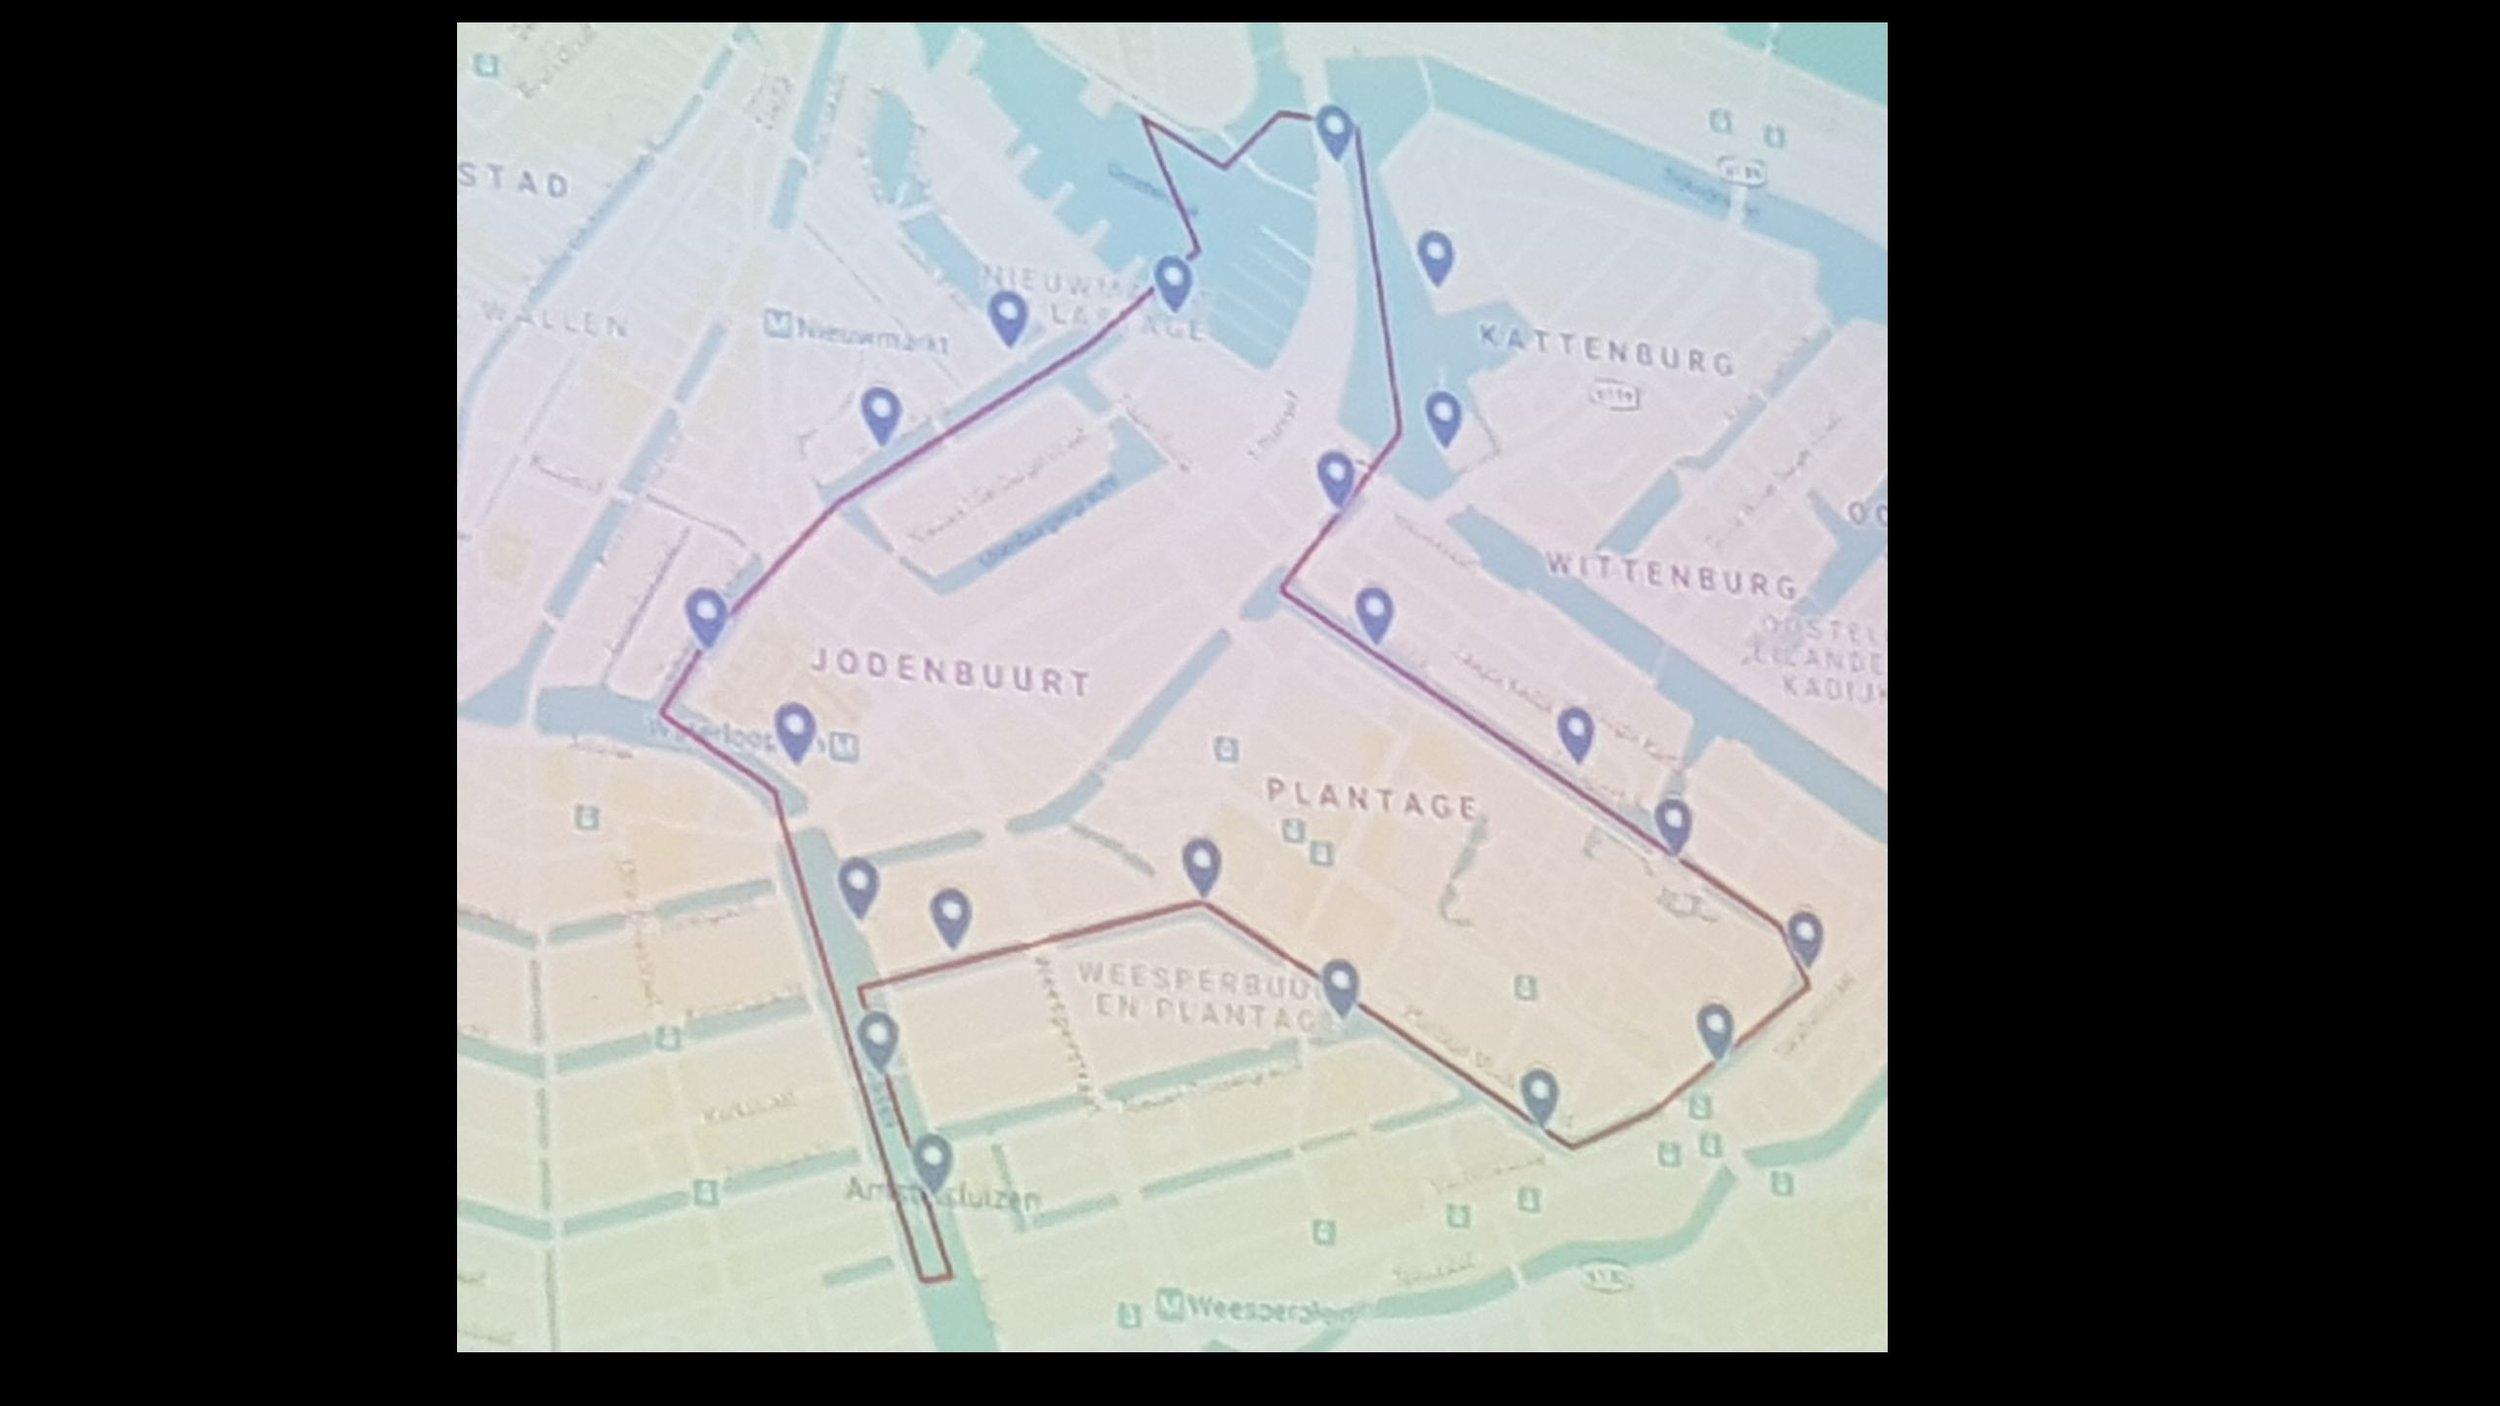 Lightfestival 2019-2020 route 2.jpg